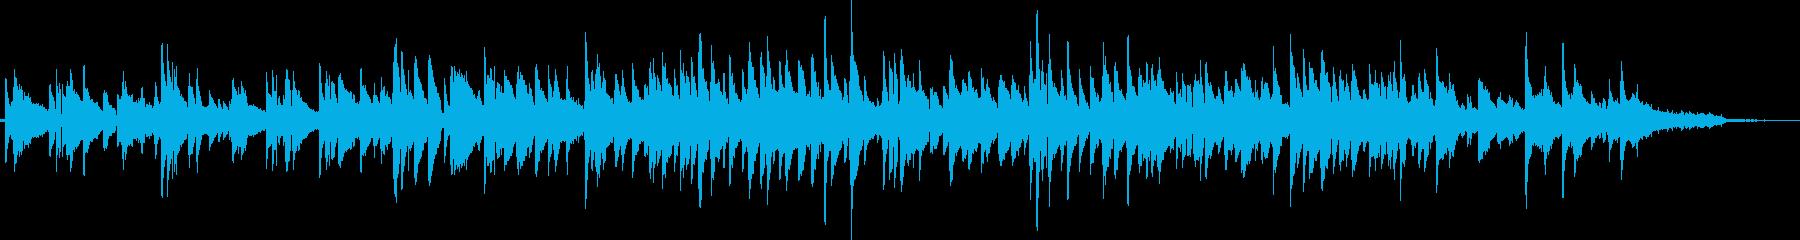 ギターデュオによるしっとりしたボサノバの再生済みの波形